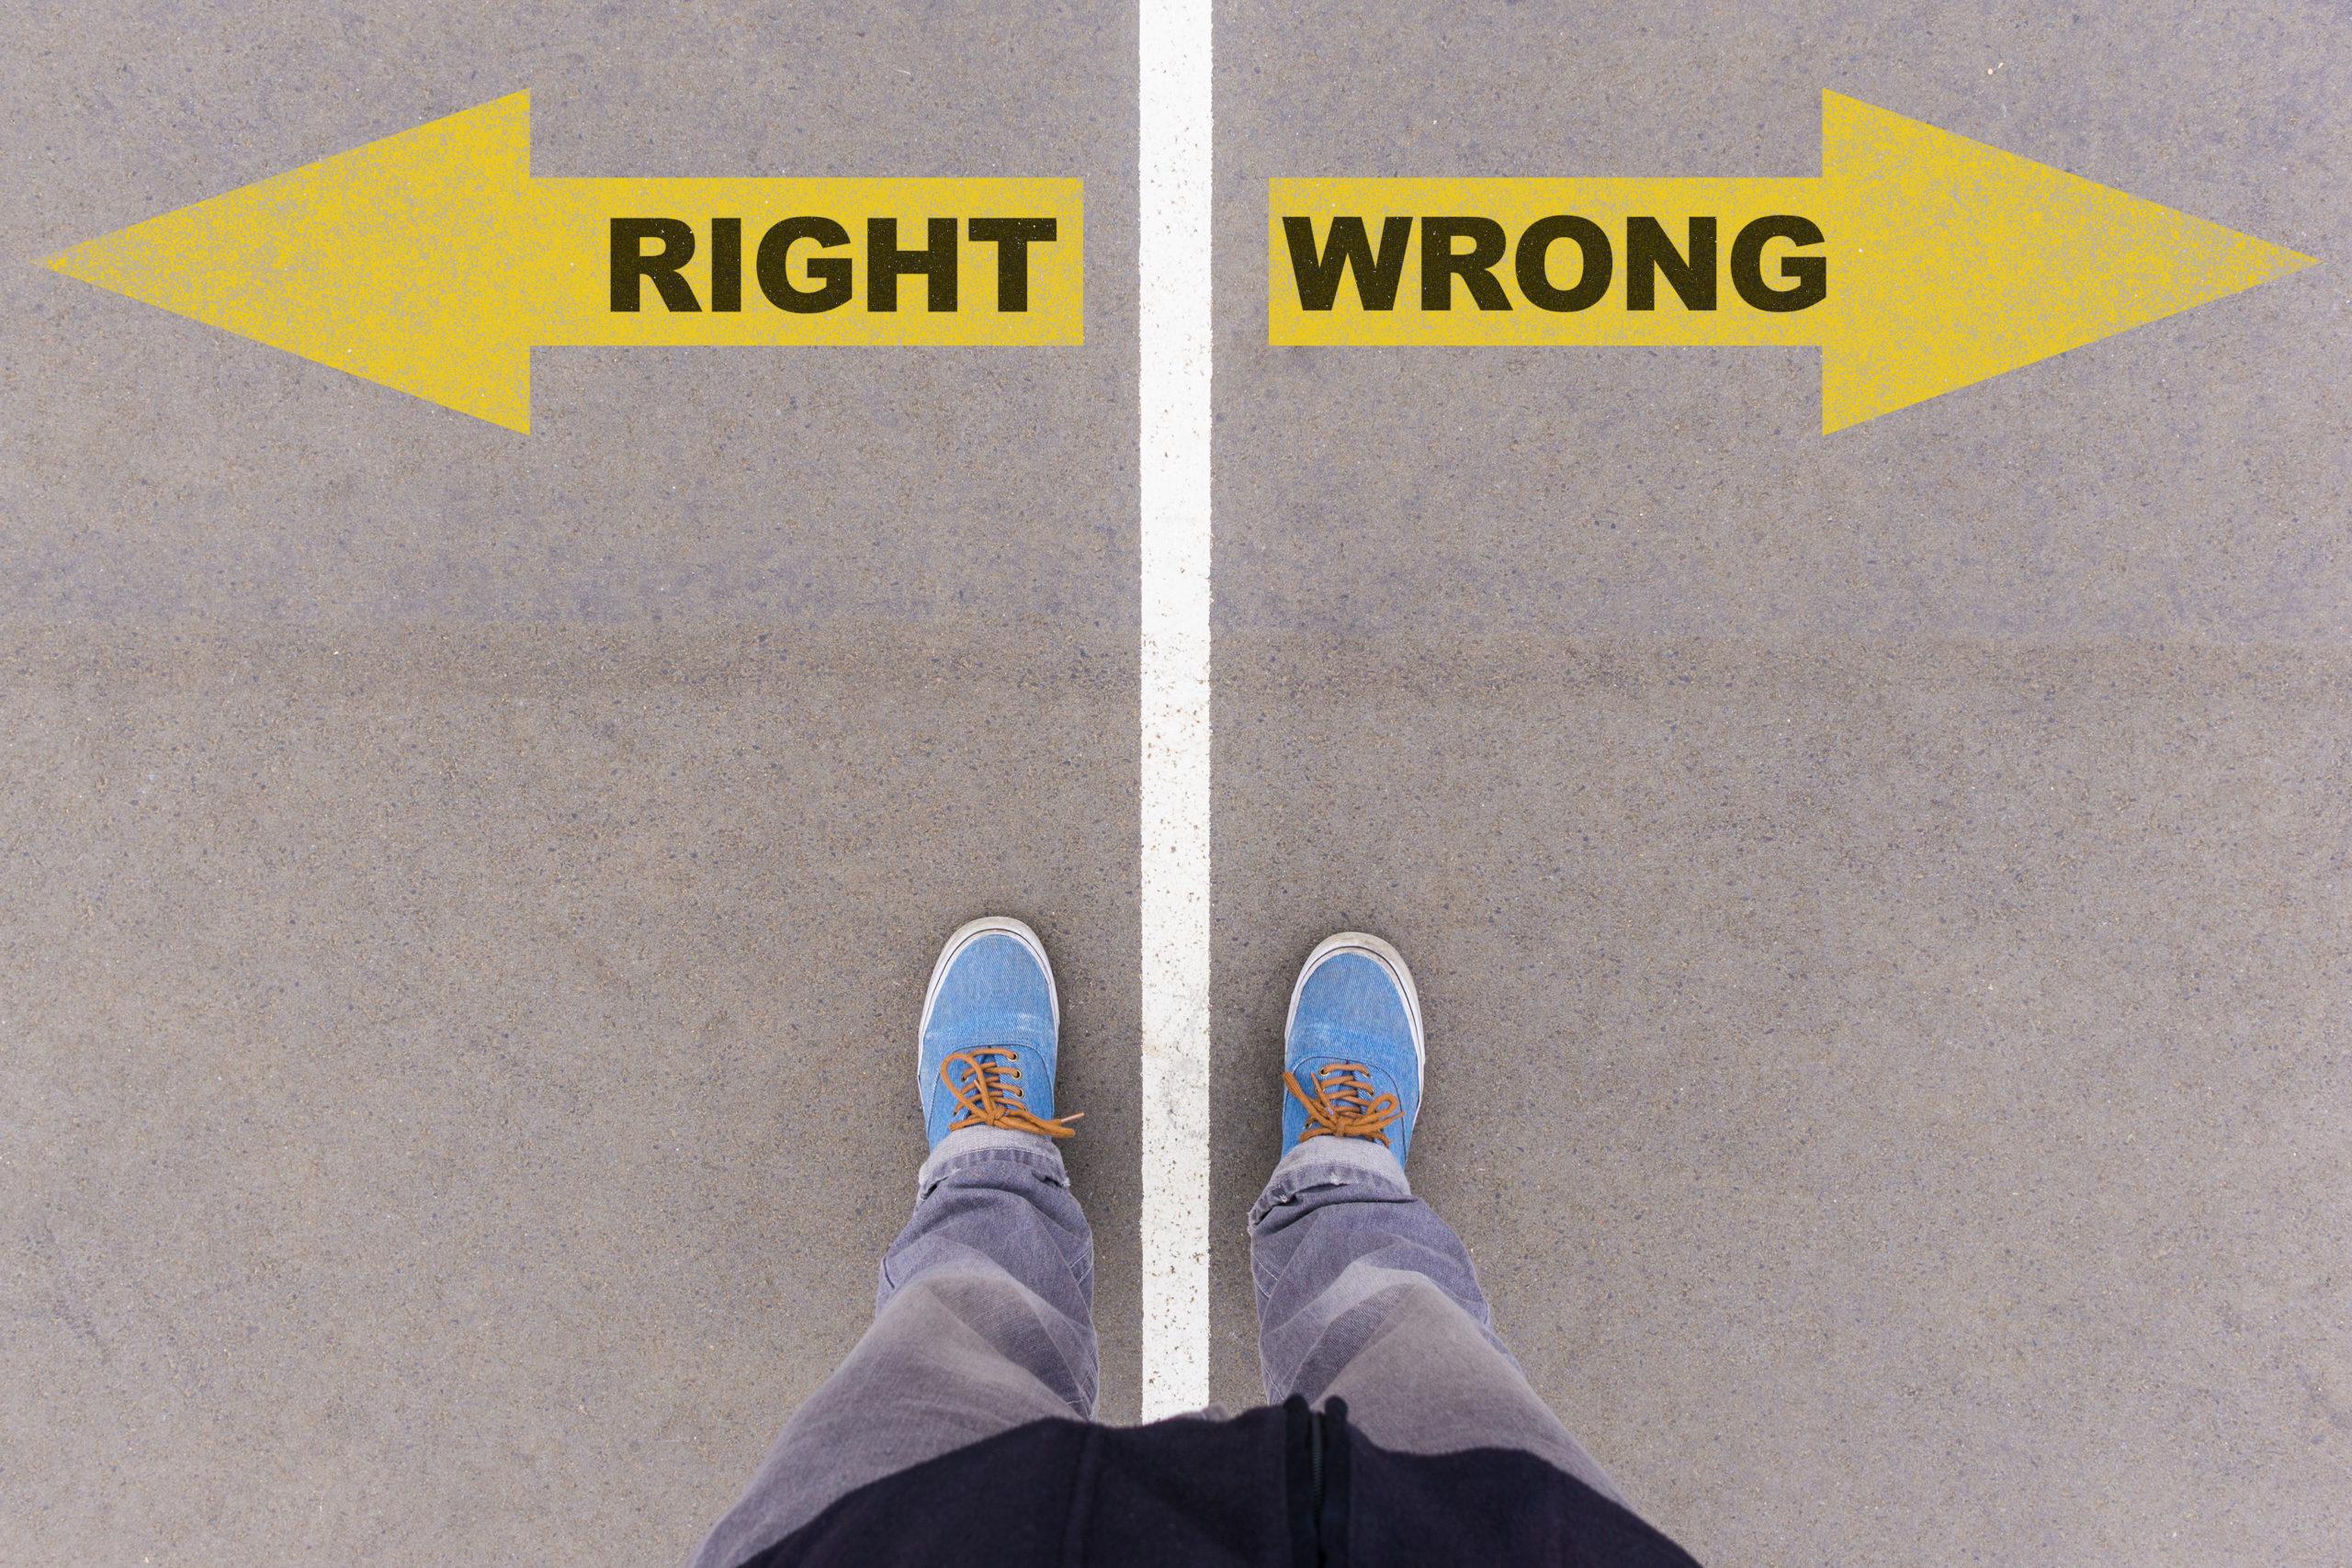 big data use right vs. wrong